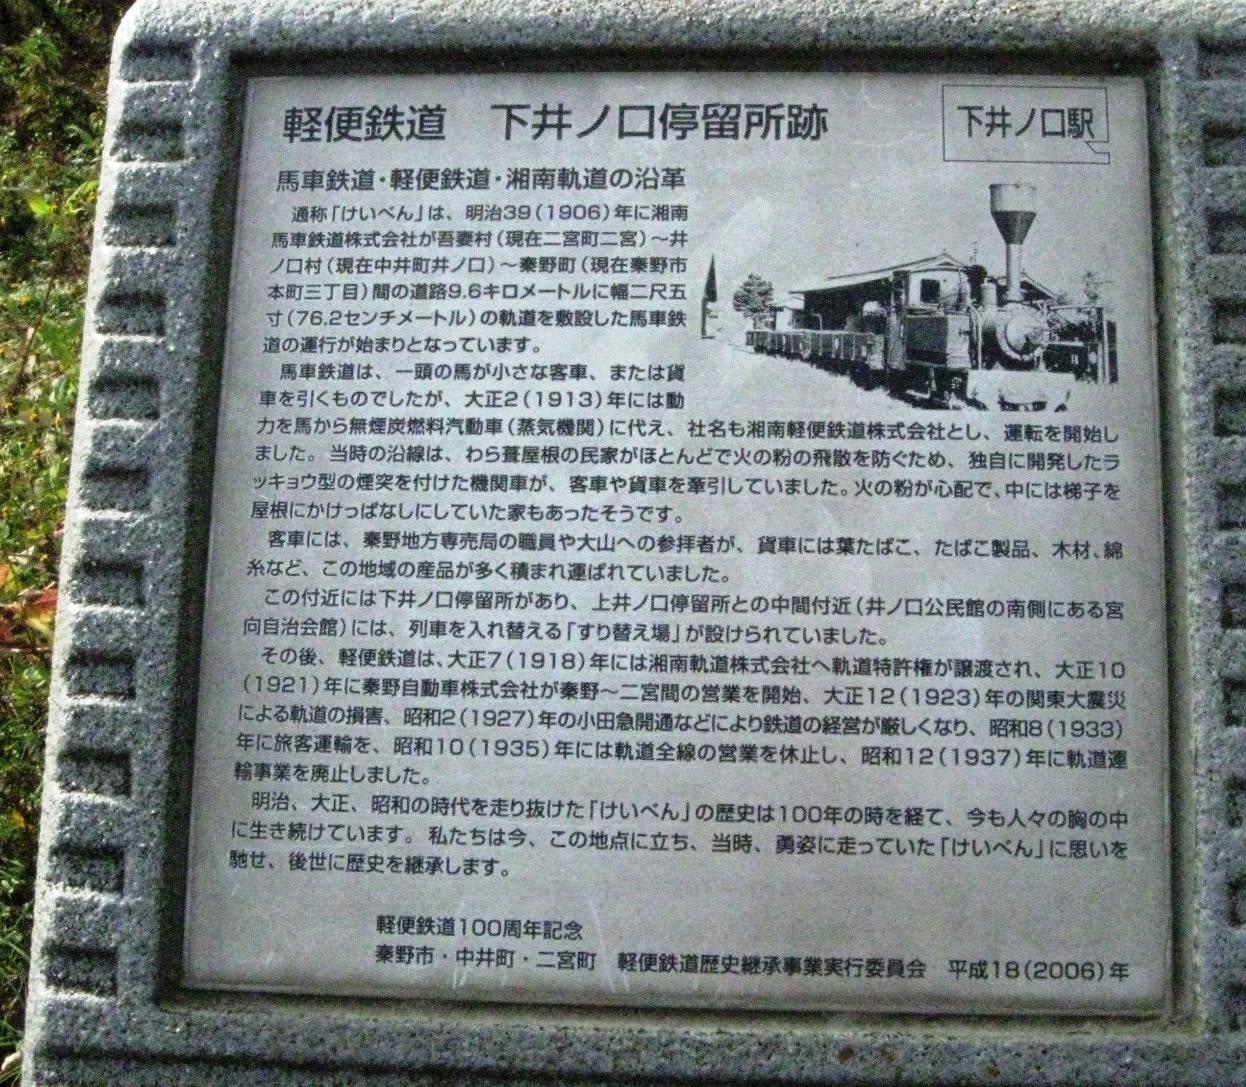 廃線の旅;湘南軽便鉄道沿線を巡る(後編);下井ノ口から二宮まで ...